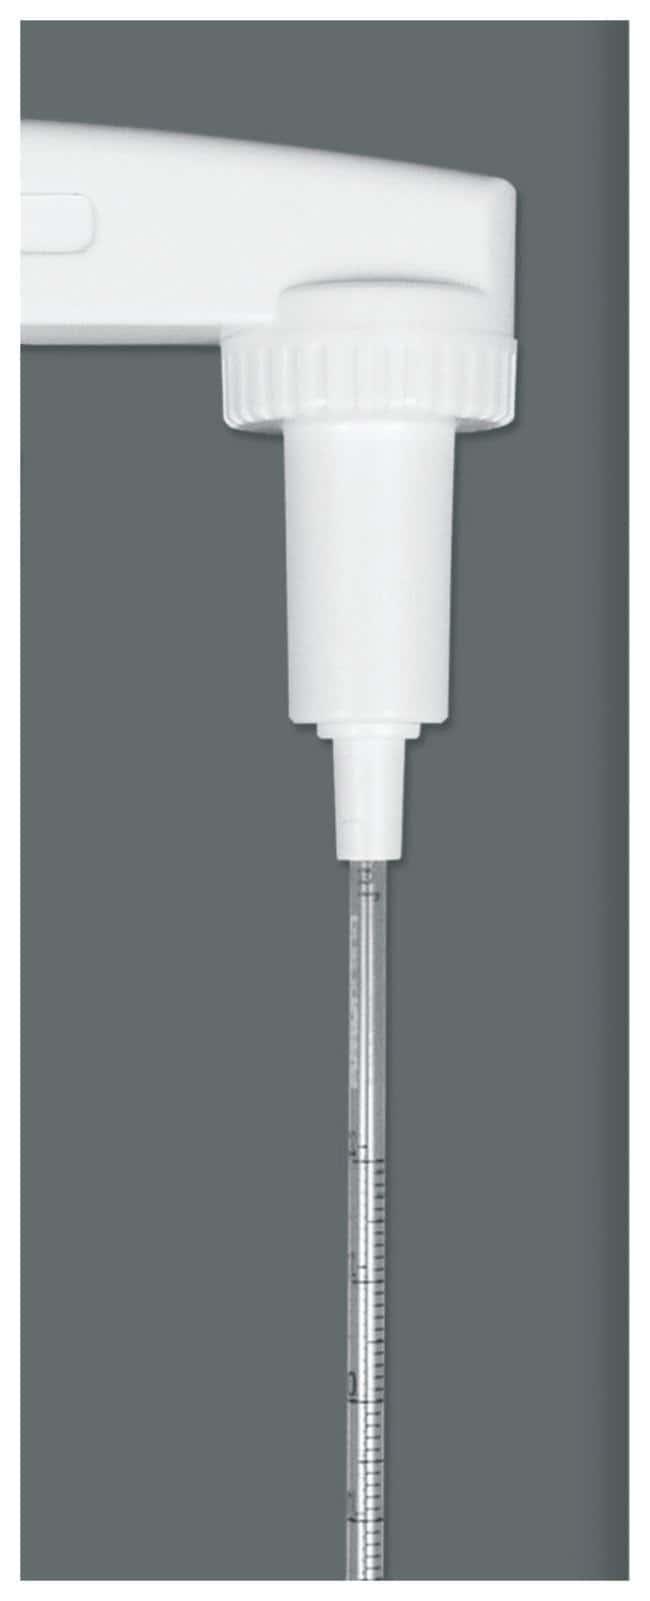 Thermo Scientific™S1 Pipet Filler Accessories: Home